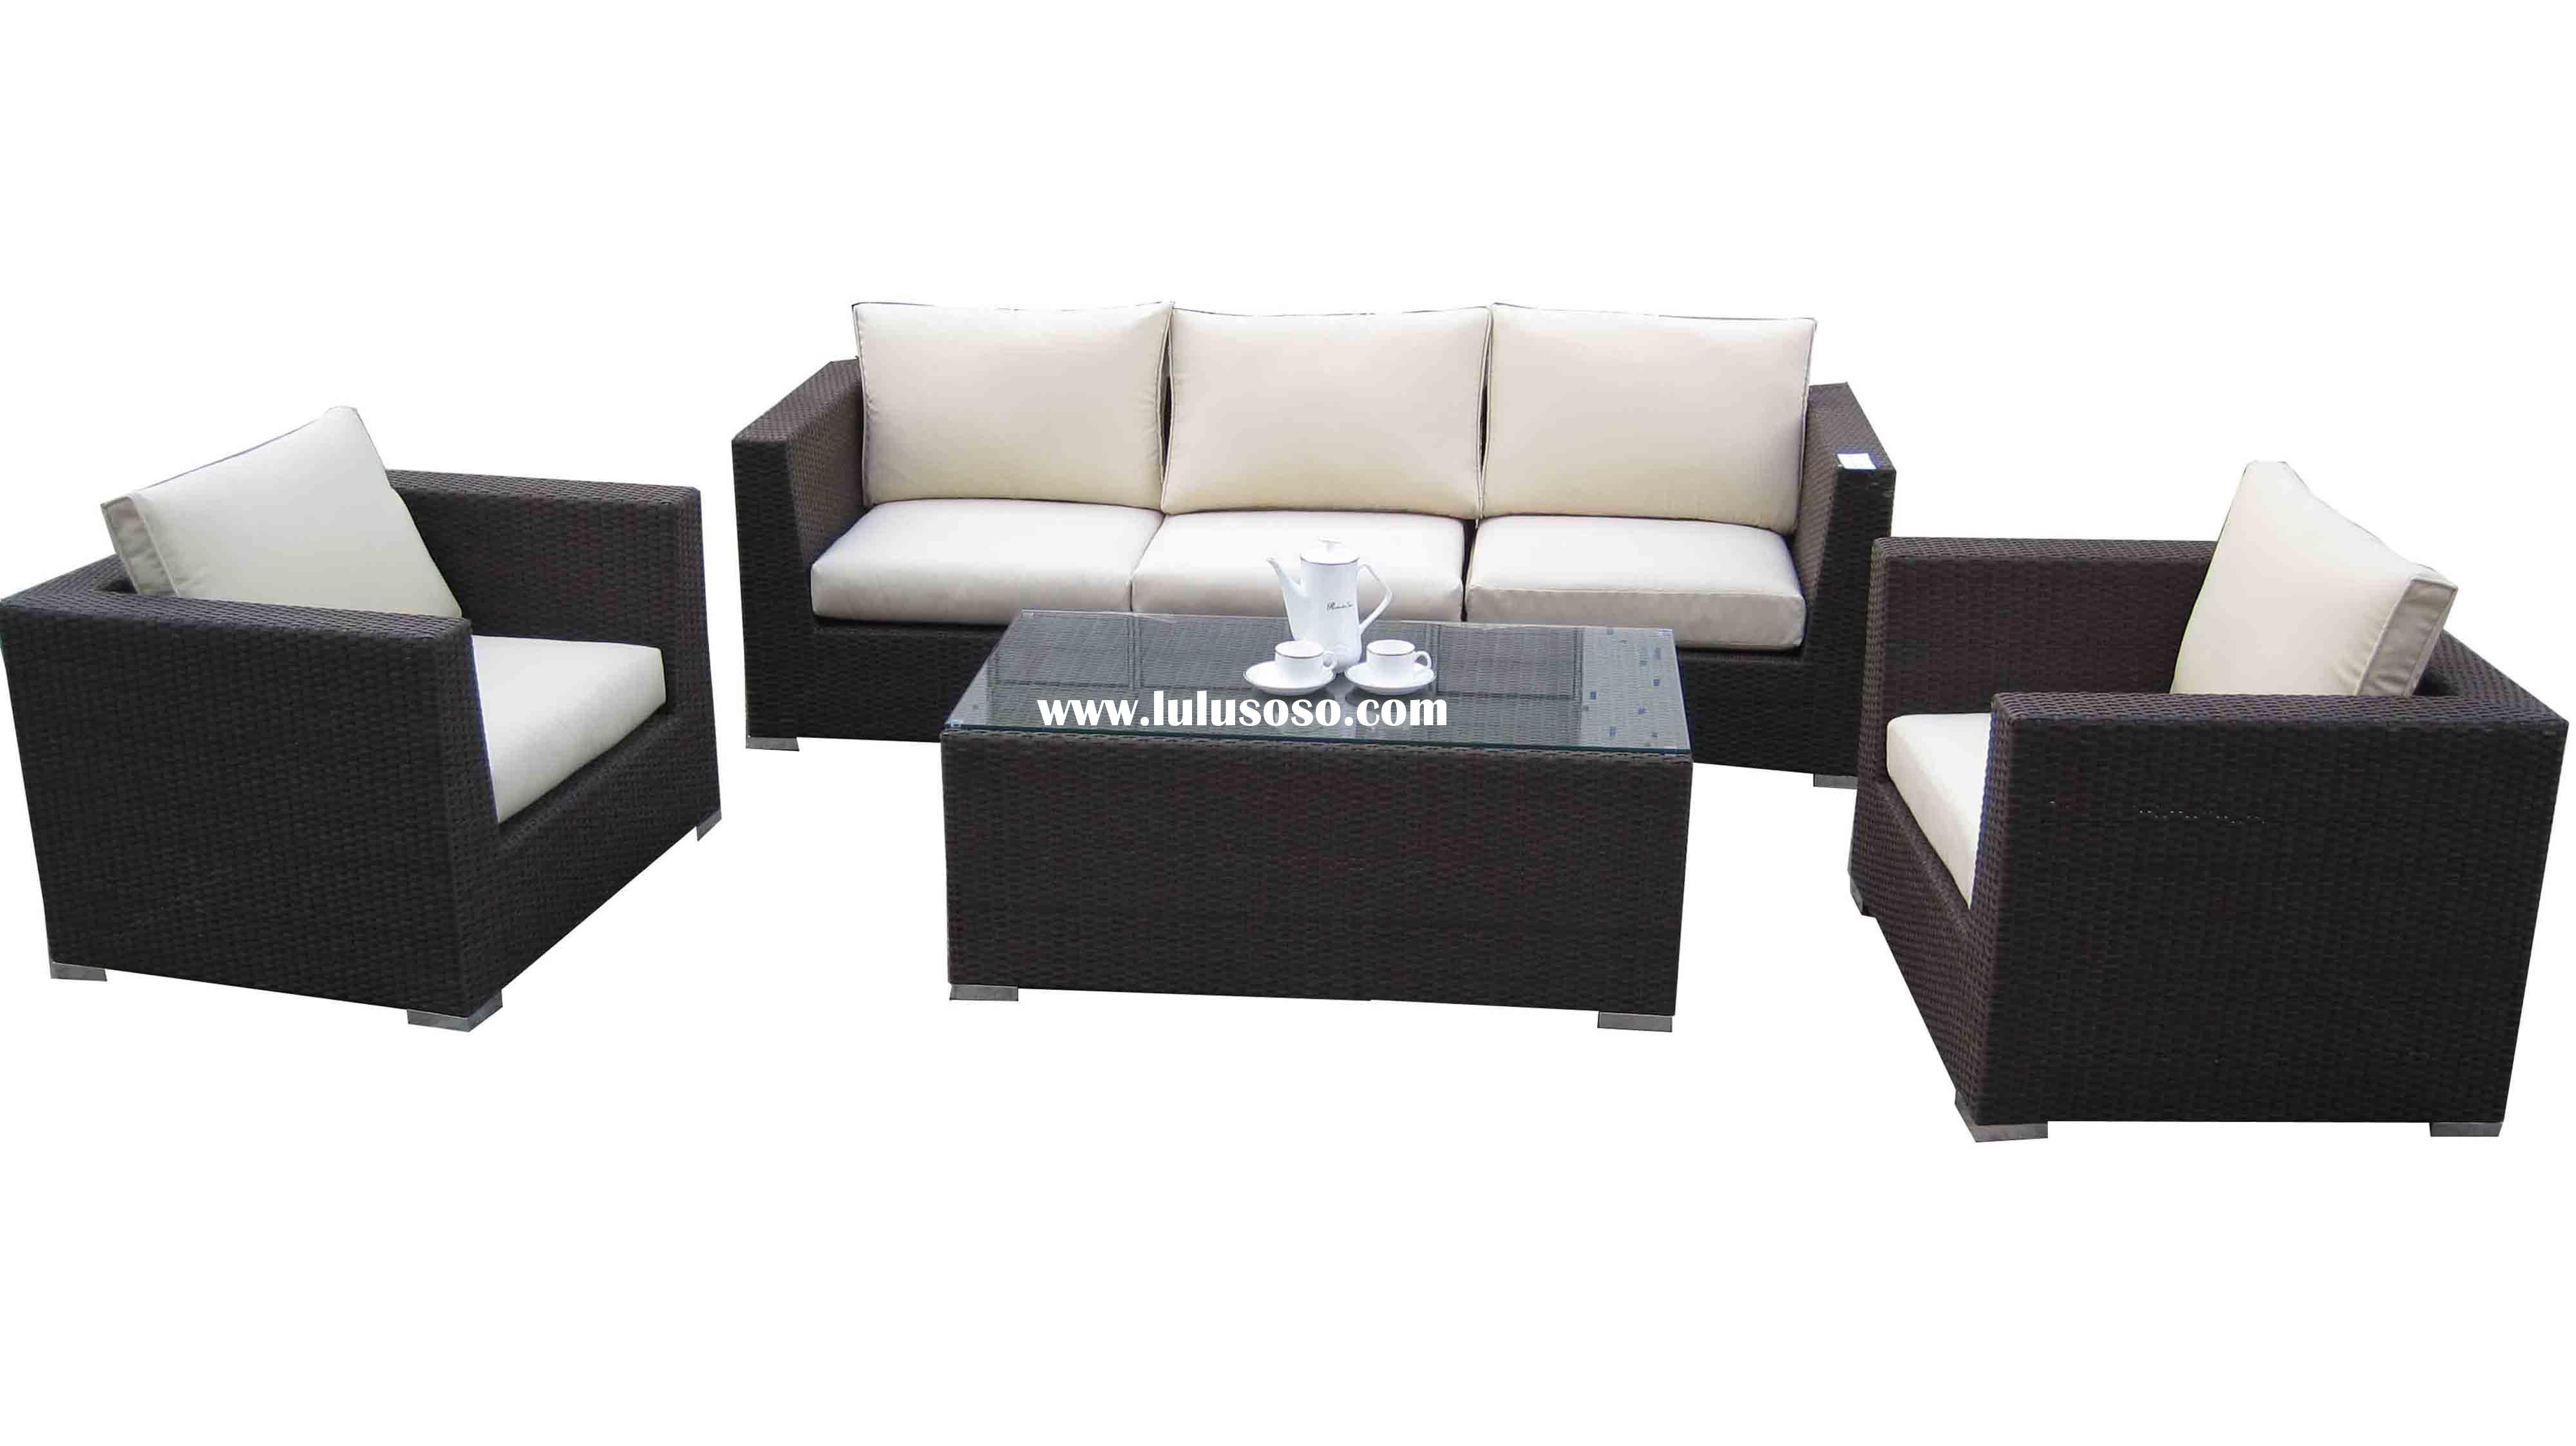 Furniture sofa set awesome furniture sofa set 57 on sofa room ideas with furniture sofa set YIQCEAB